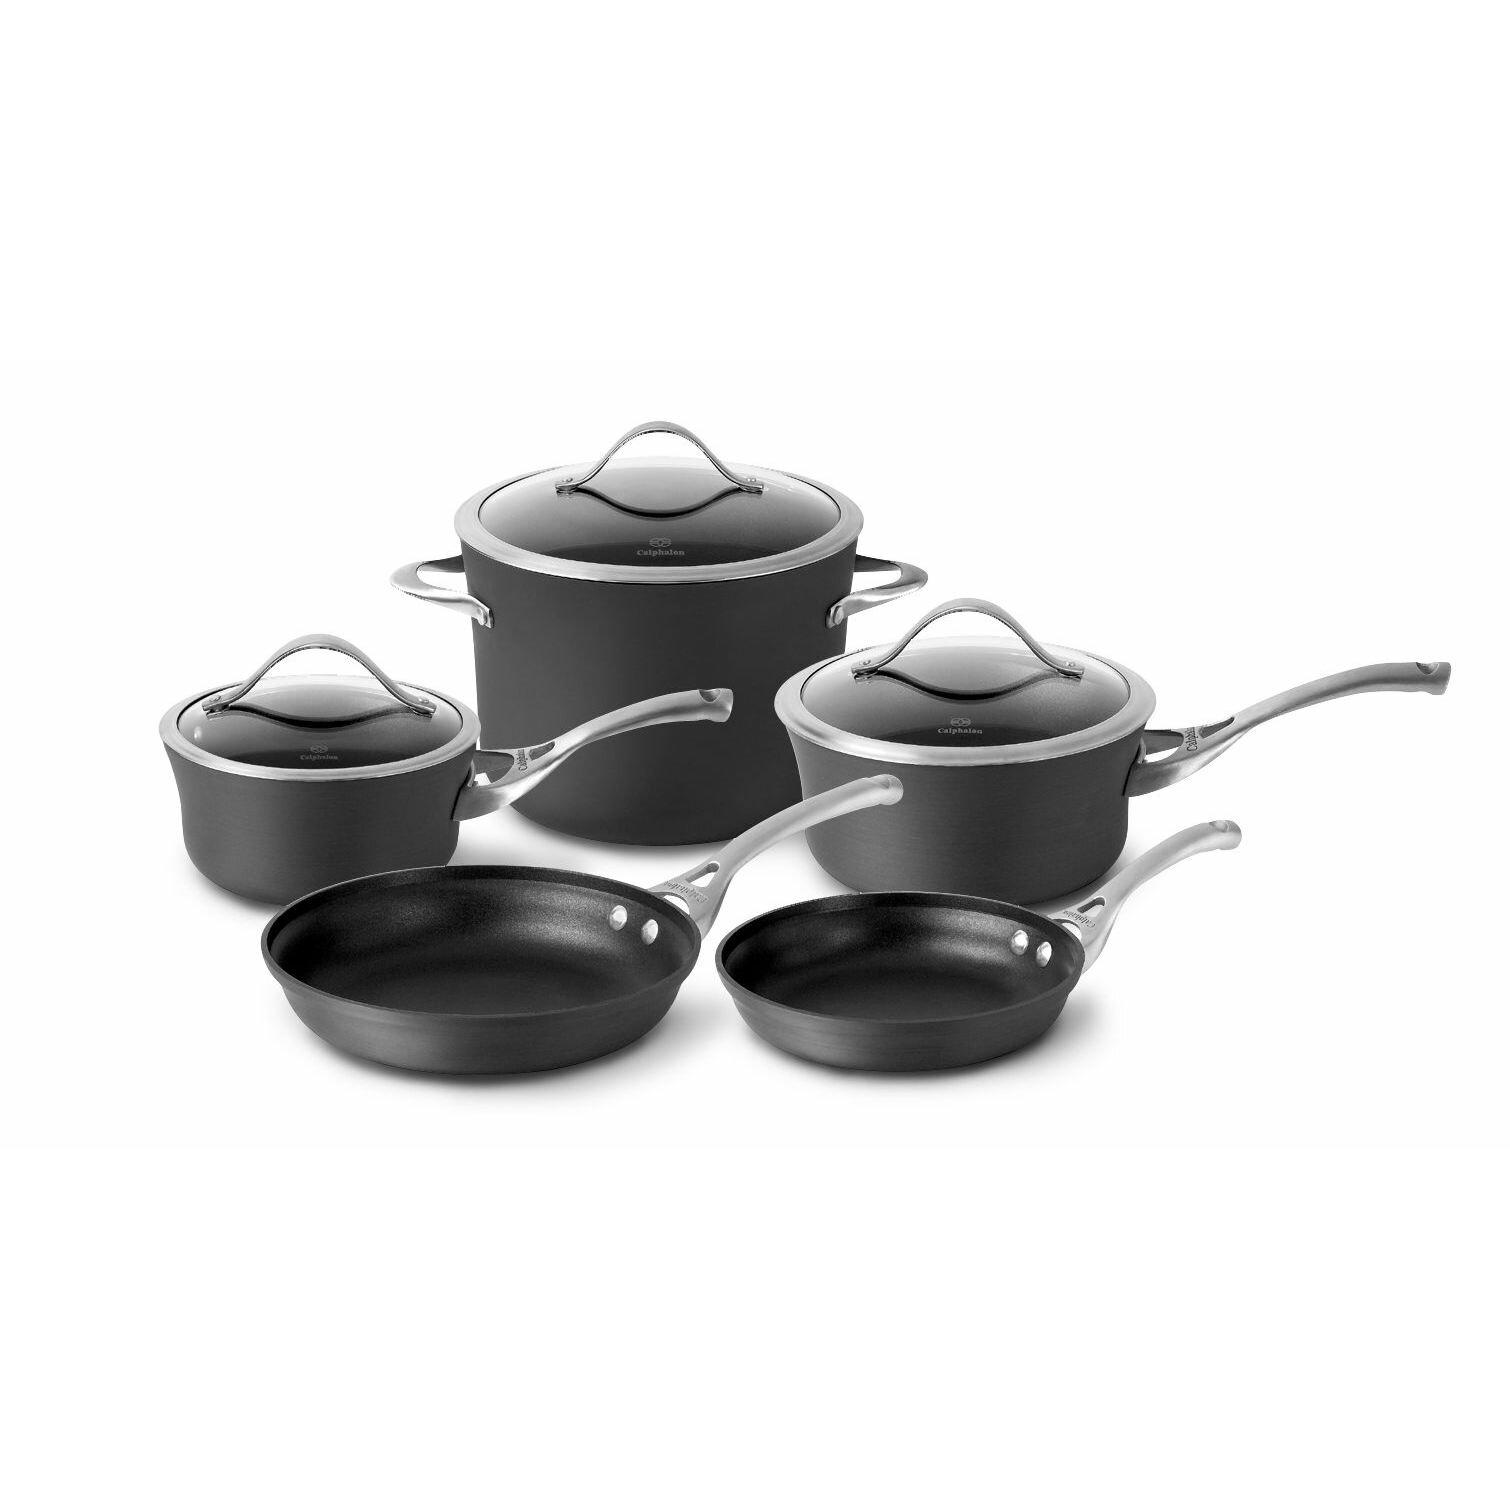 Calphalon Contemporary Nonstick 8 Piece Cookware Set